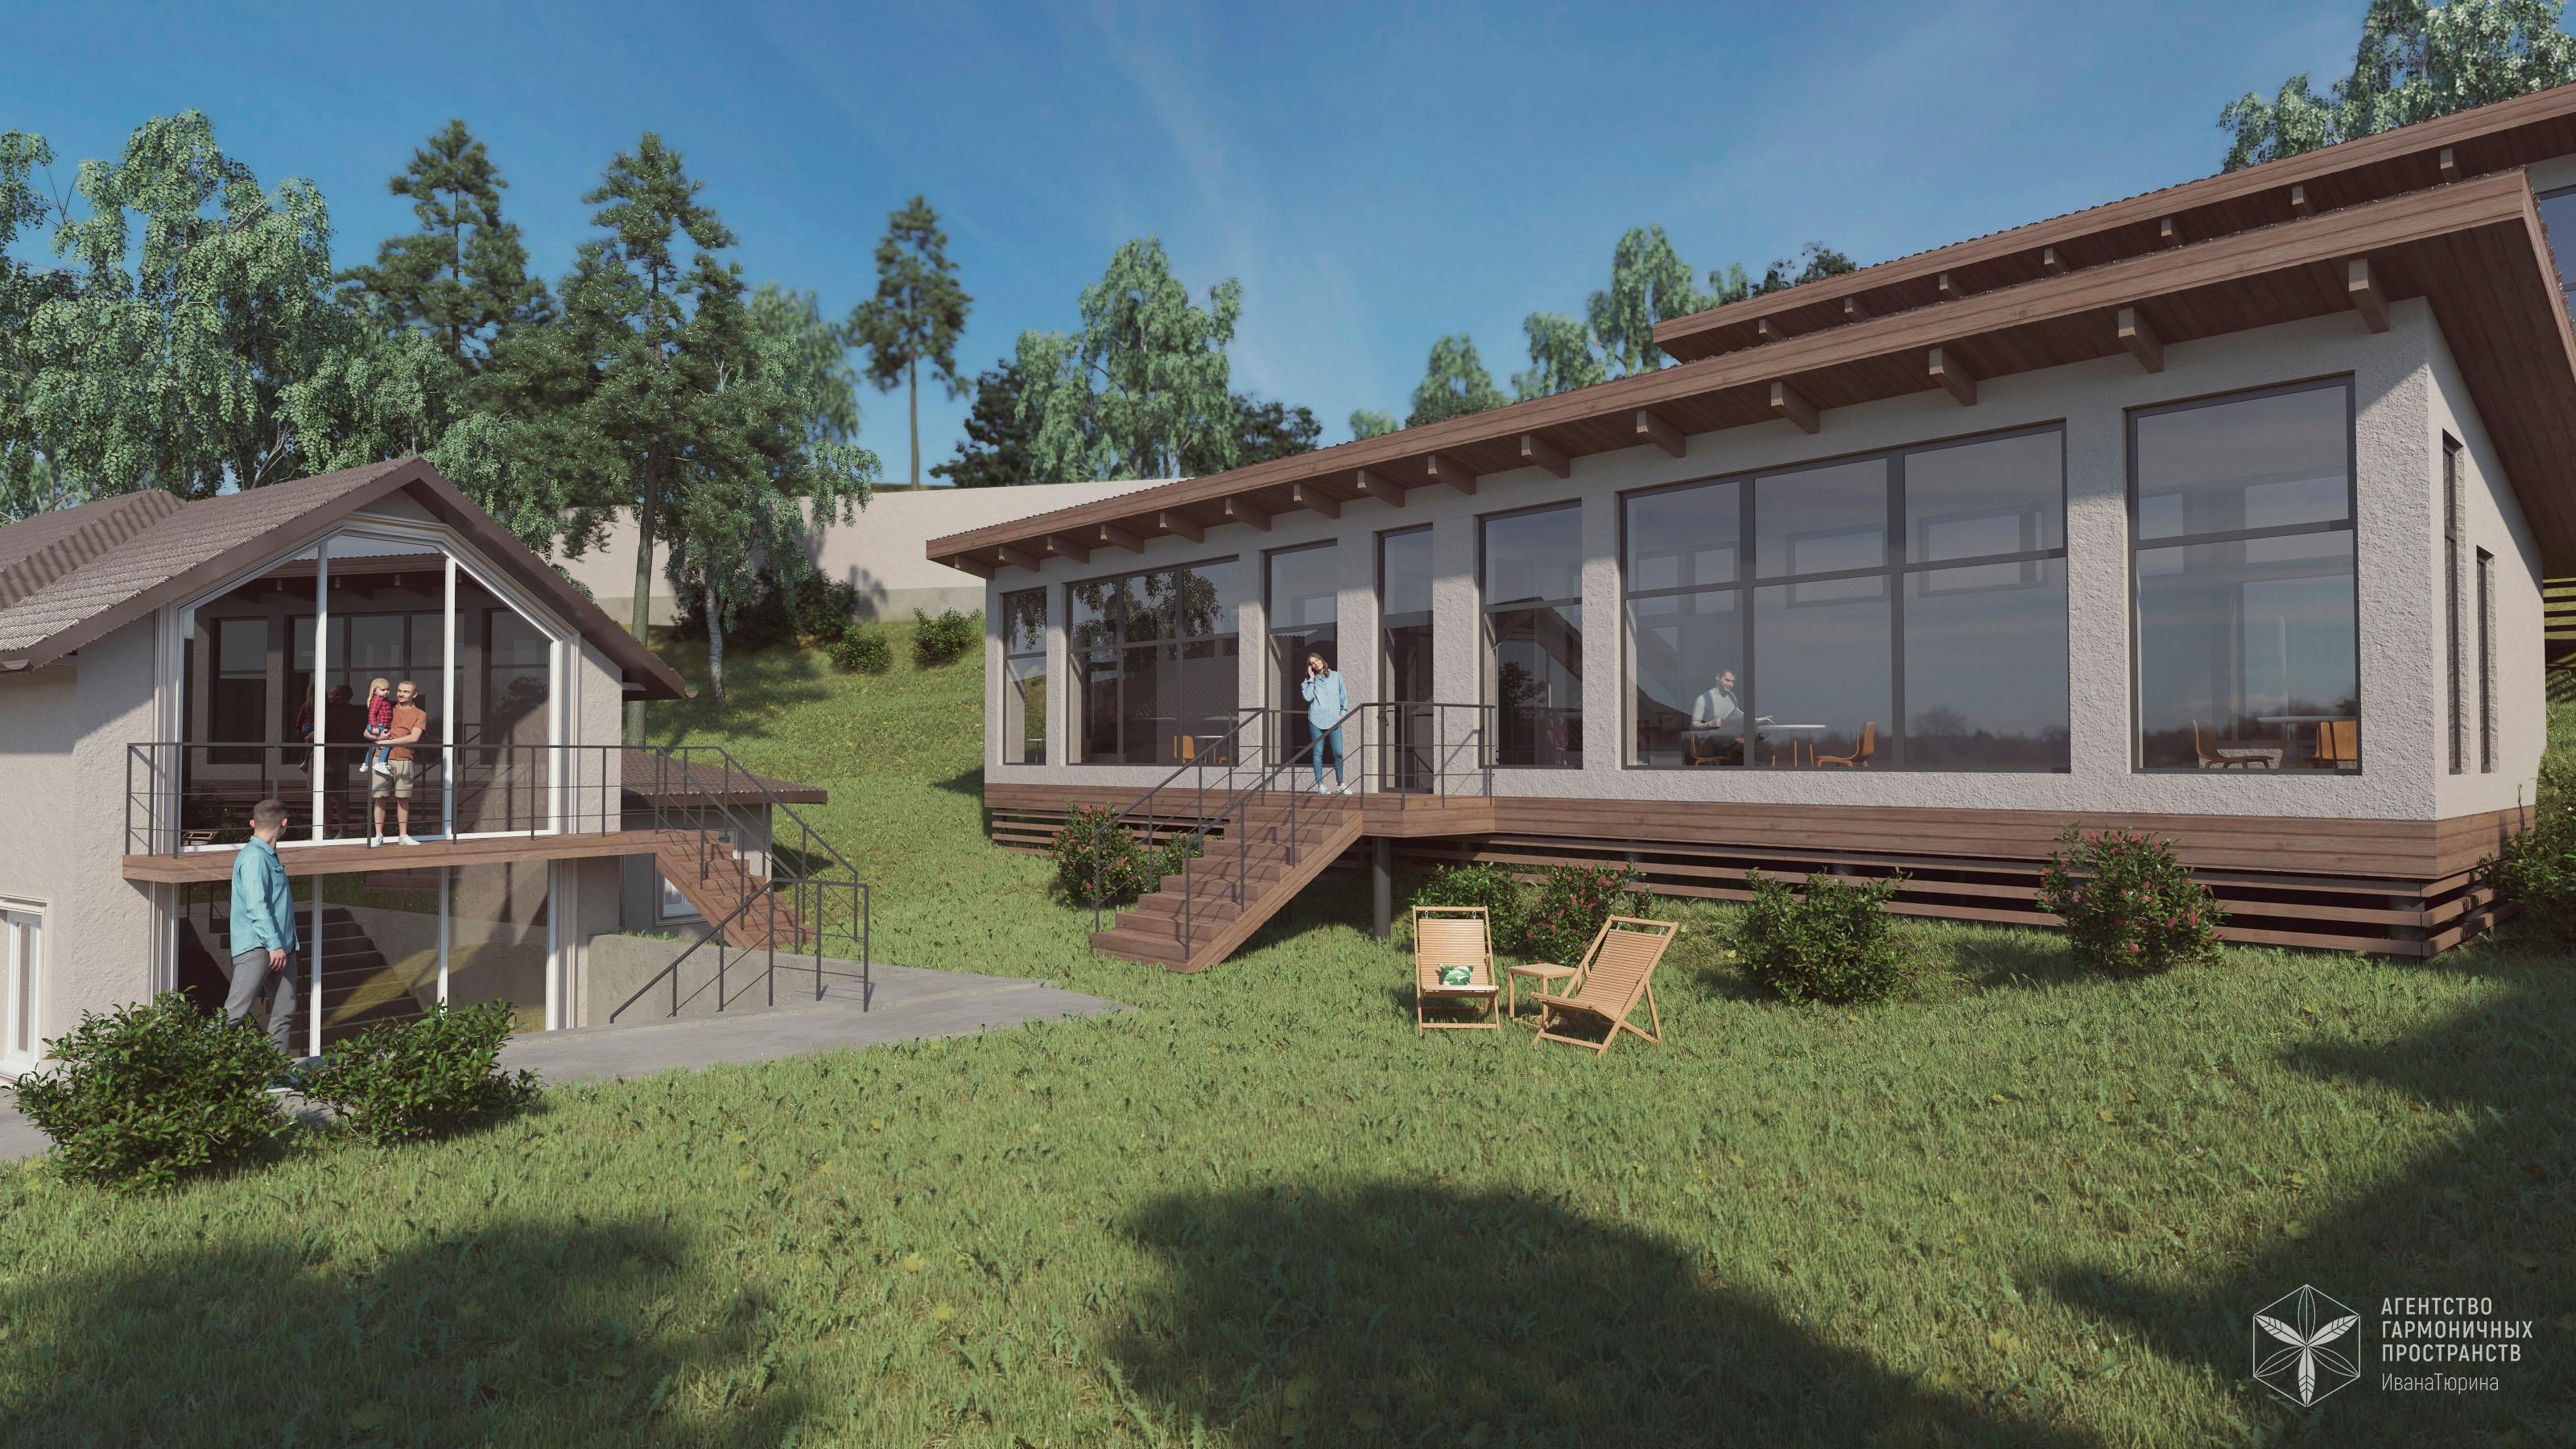 Изображение для проекта Проект гостевого комплекса в горном ущелье близ Алматы 3256